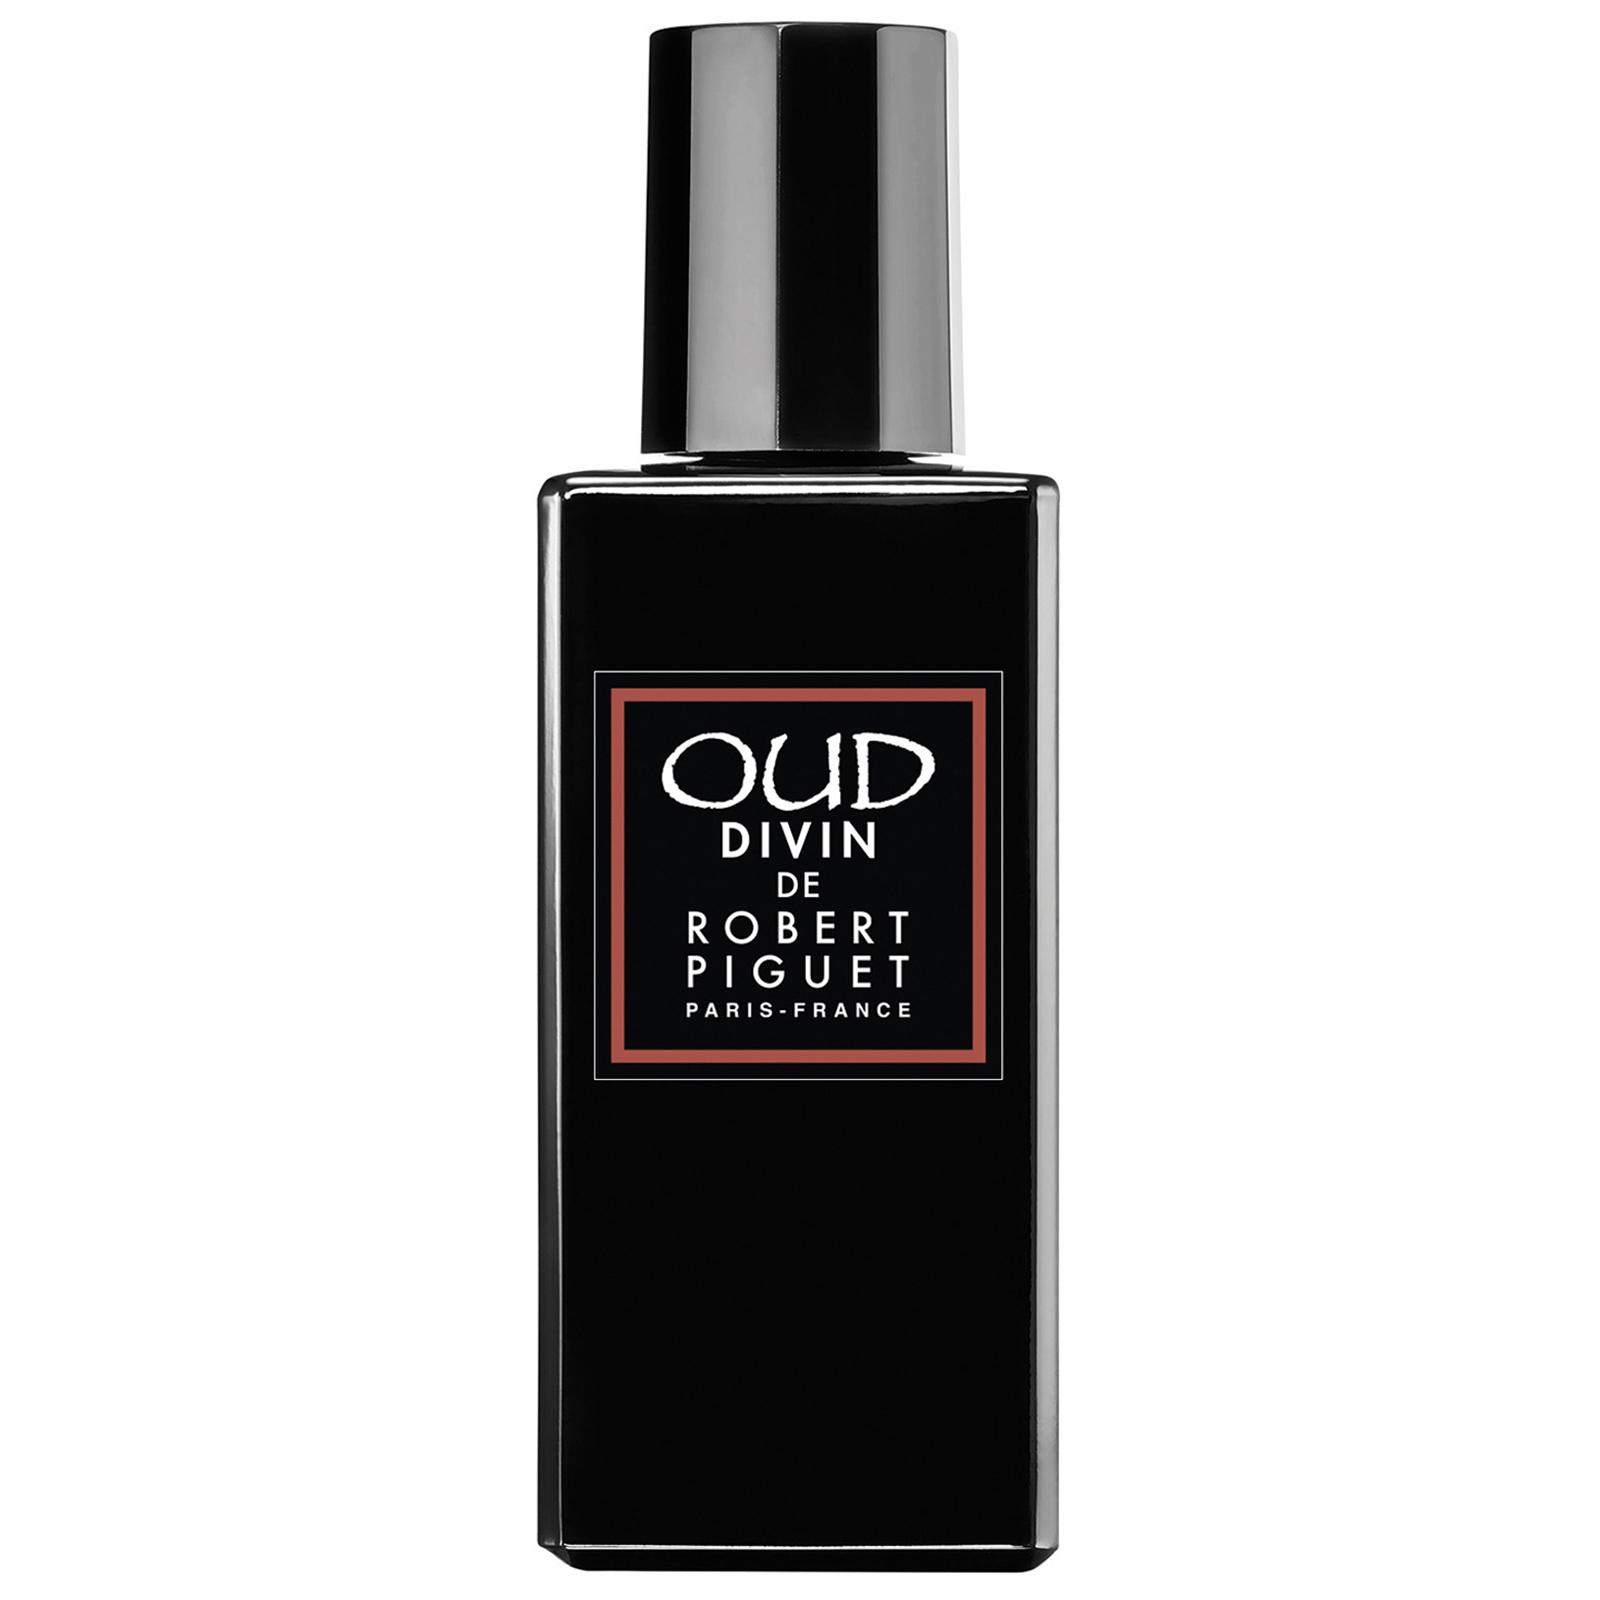 Oud divin perfume eau de parfum 100 ml